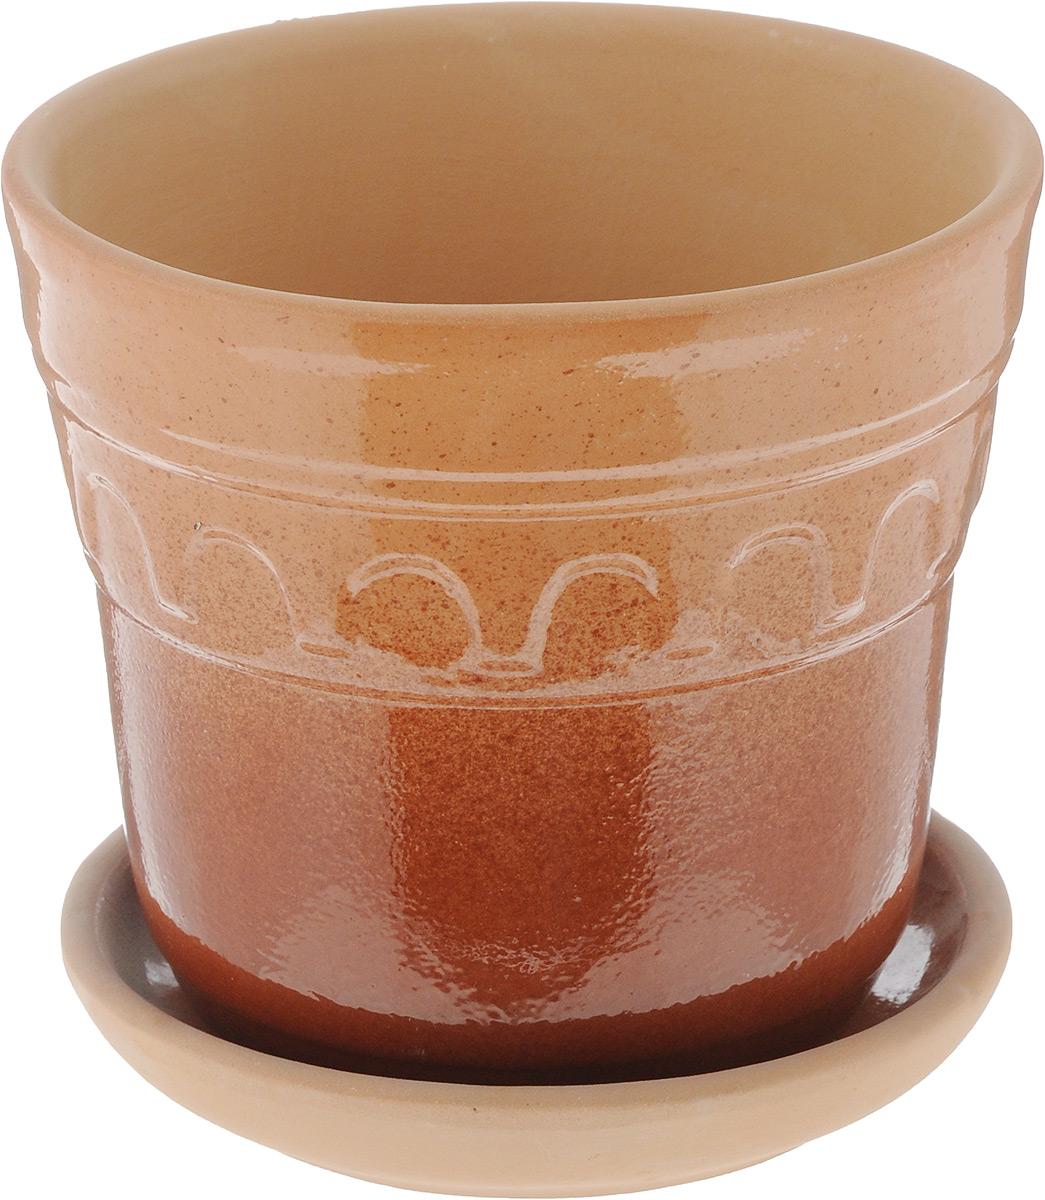 Горшок для цветов Ломоносовская керамика Элин, цвет: коричневый, бежевый, диаметр 14 см1717698Горшок с поддоном Ломоносовская керамика Элин выполнен из керамики. Внешние стенки изделия покрыты глазурью и дополнены рельефным узором. Горшок предназначен для выращивания цветов, растений и трав. Он порадует вас функциональностью, а также украсит интерьер помещения. Диаметр горшка (по верхнему краю): 14 см. Высота горшка: 11,5 см. Размер поддона: 12 х 12 х 3 см.